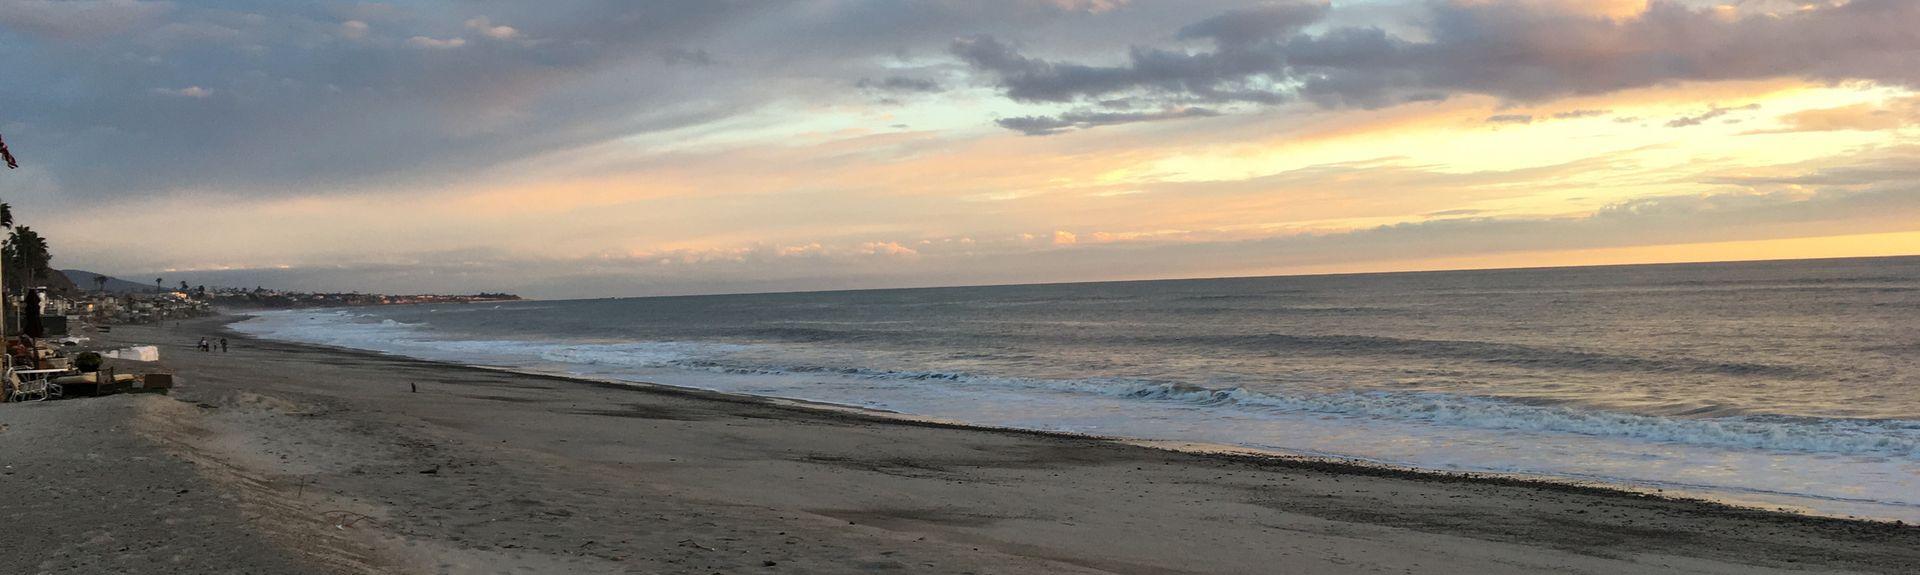 Playa estatal de San Onofre, California, Estados Unidos